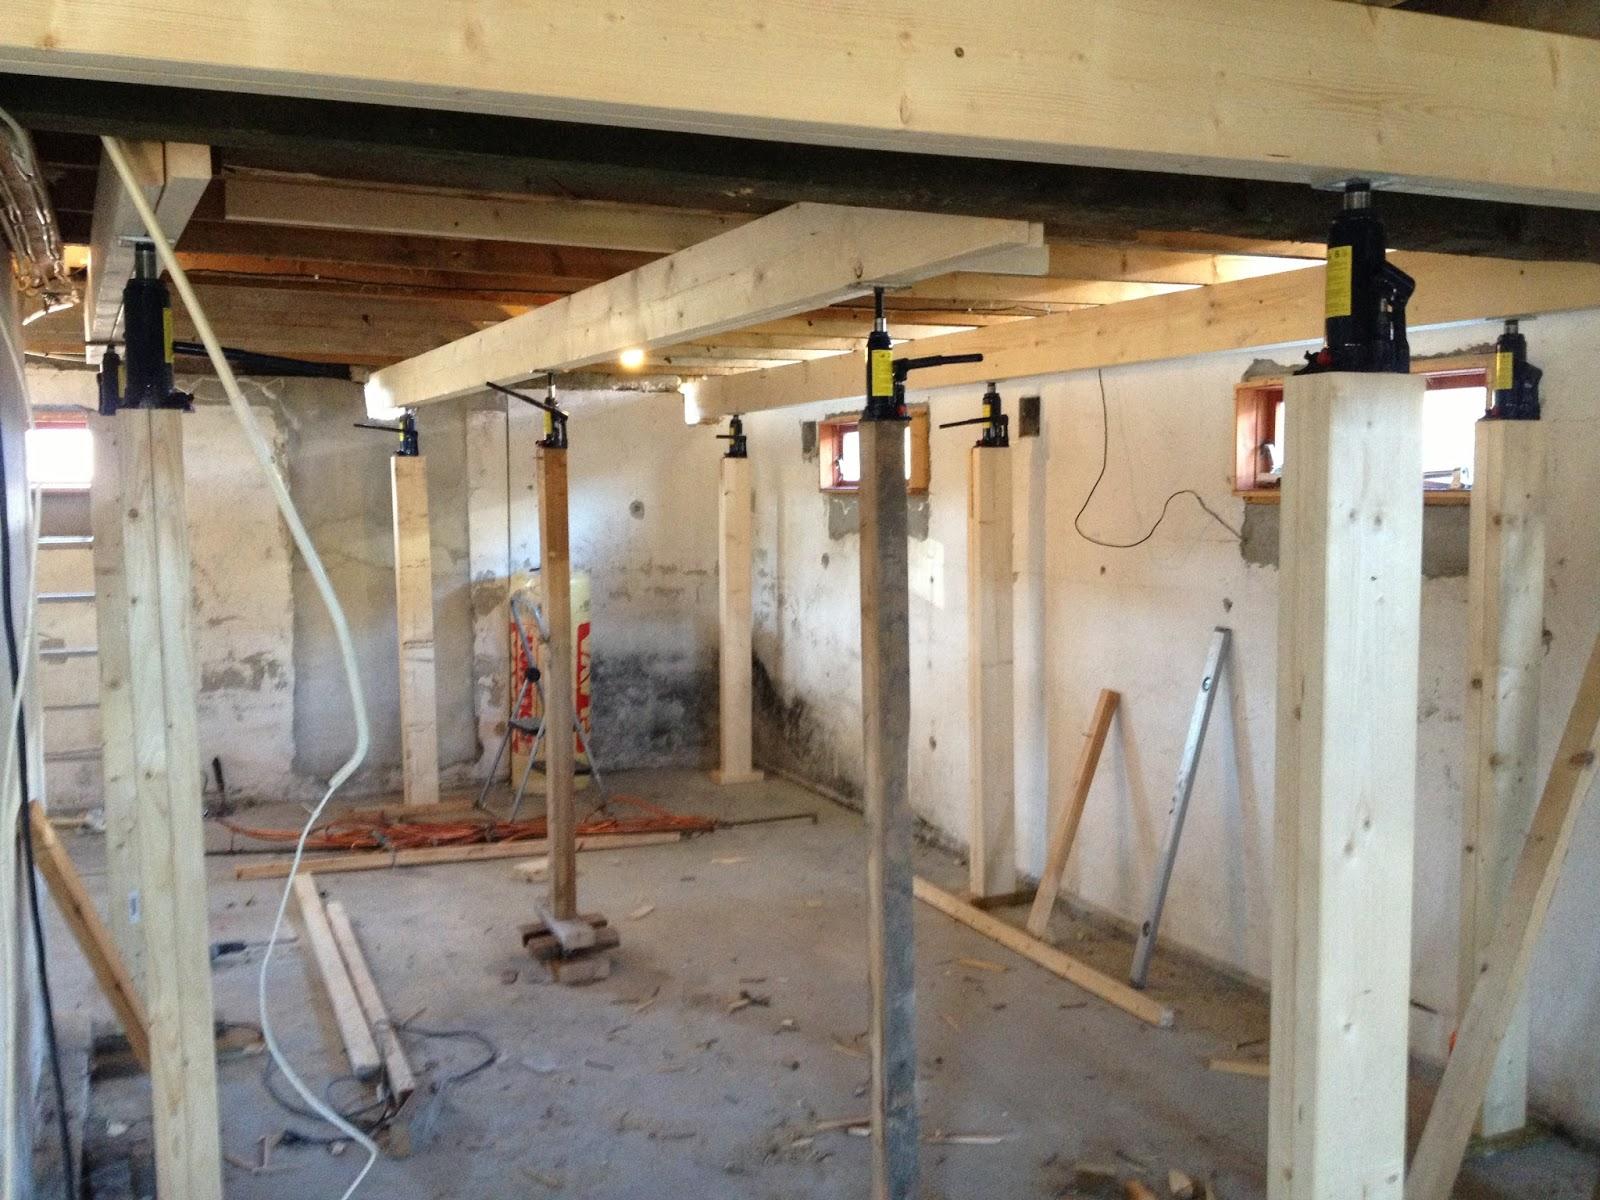 Senke gulv i kjeller – laminatgulv billig